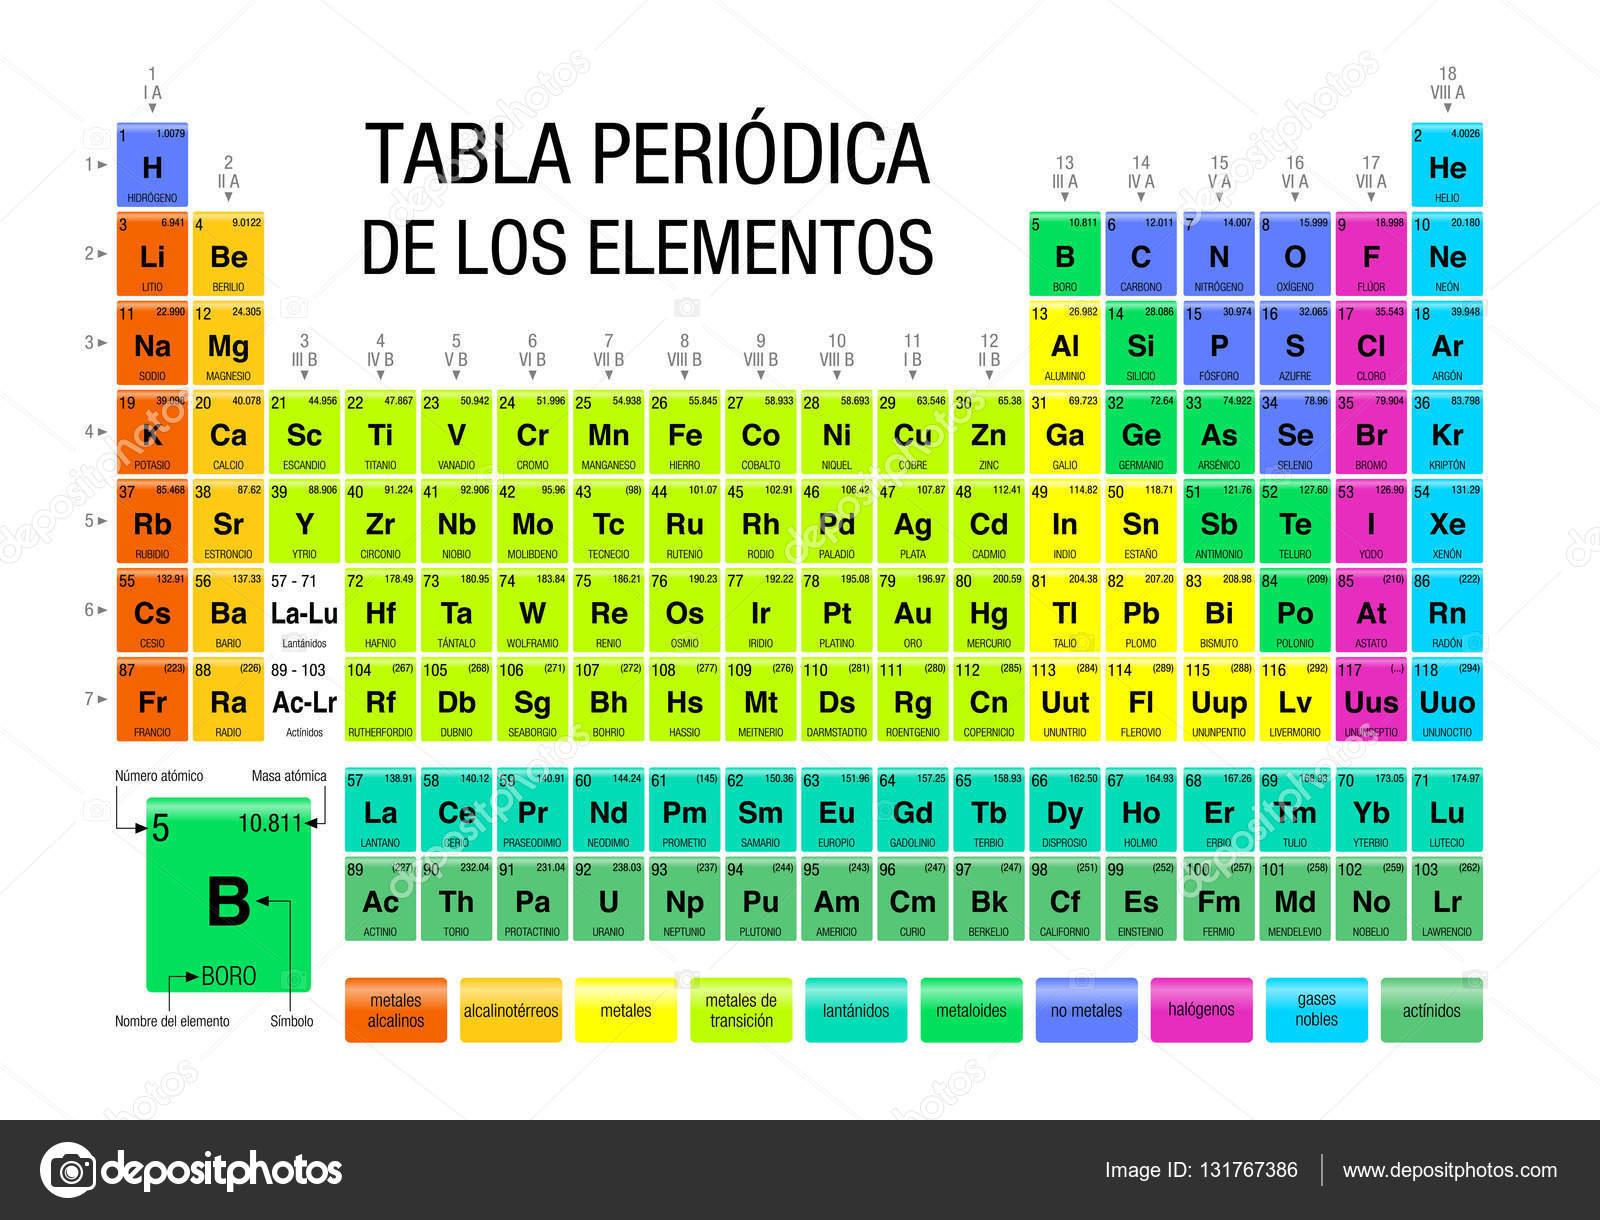 Tabla periodica de los elementos tabla peridica de los elementos en tabla periodica de los elementos tabla peridica de los elementos en idioma espaol qumica urtaz Image collections